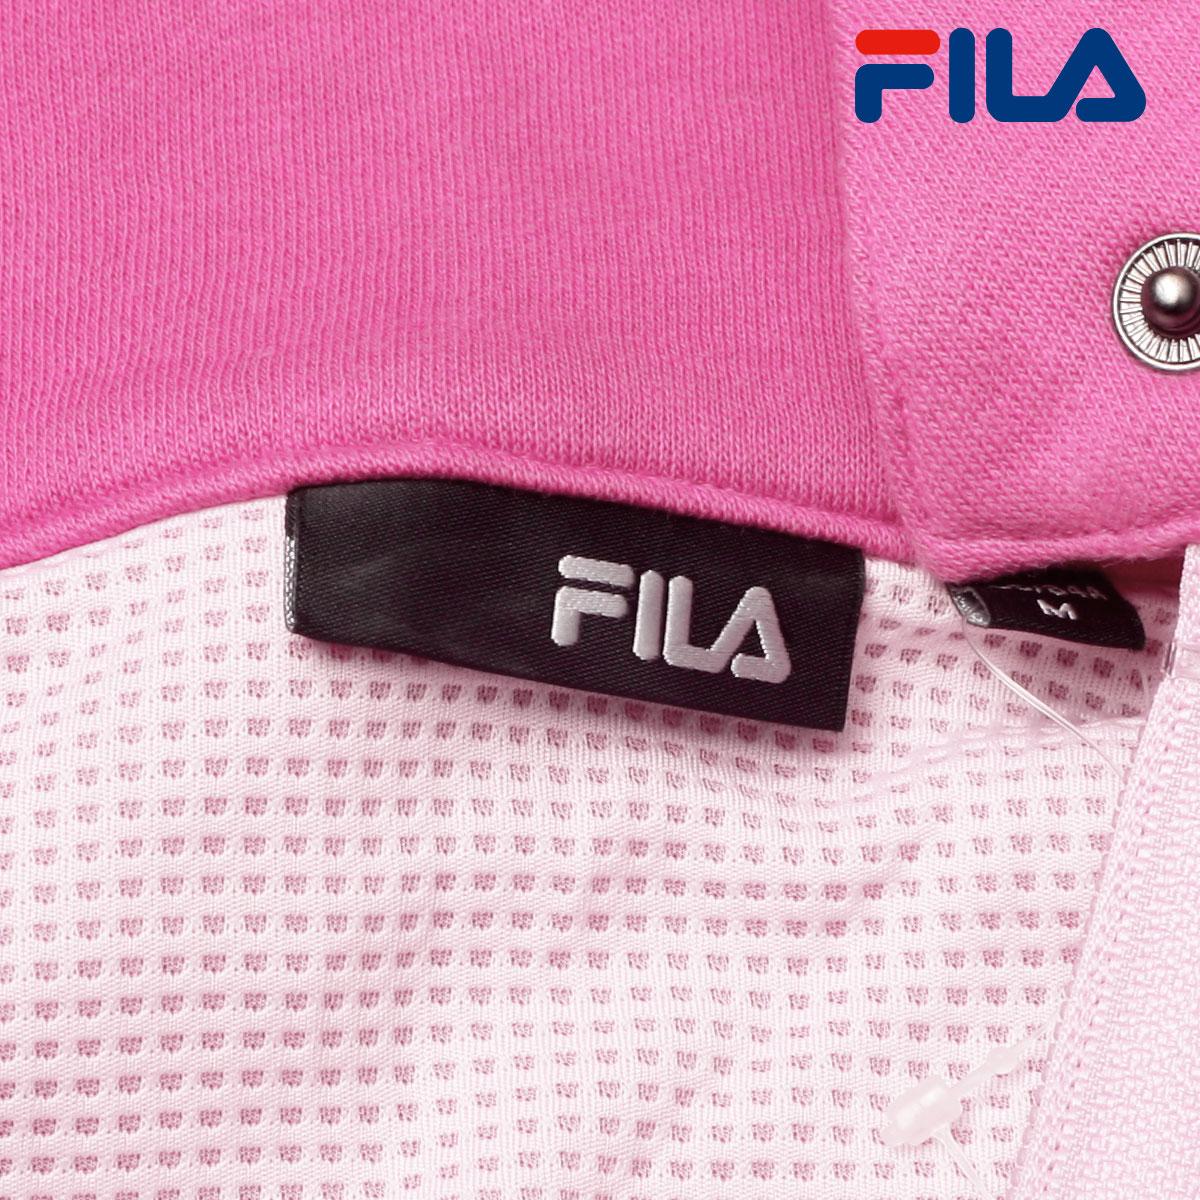 Спортивная толстовка Fila 5045221/3 5045221-3 Женские Осень 2010